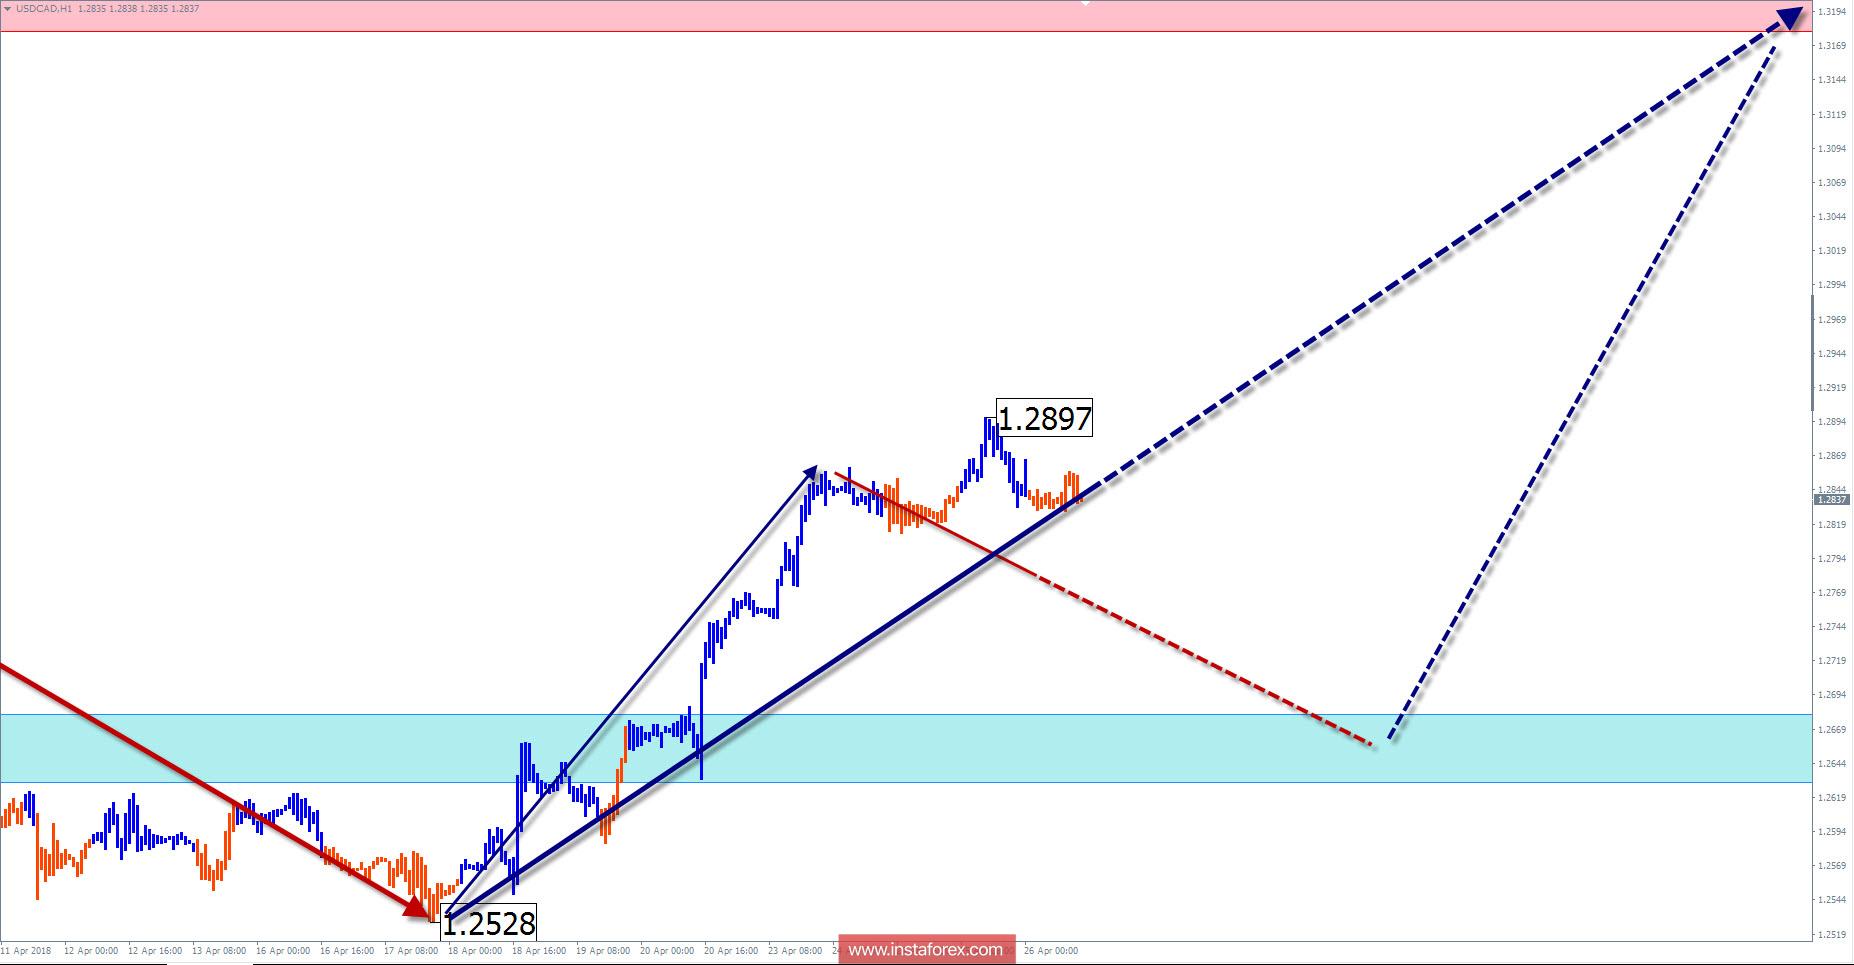 Недельный обзор USD/CAD от 26 апреля по упрощенному волновому анализу